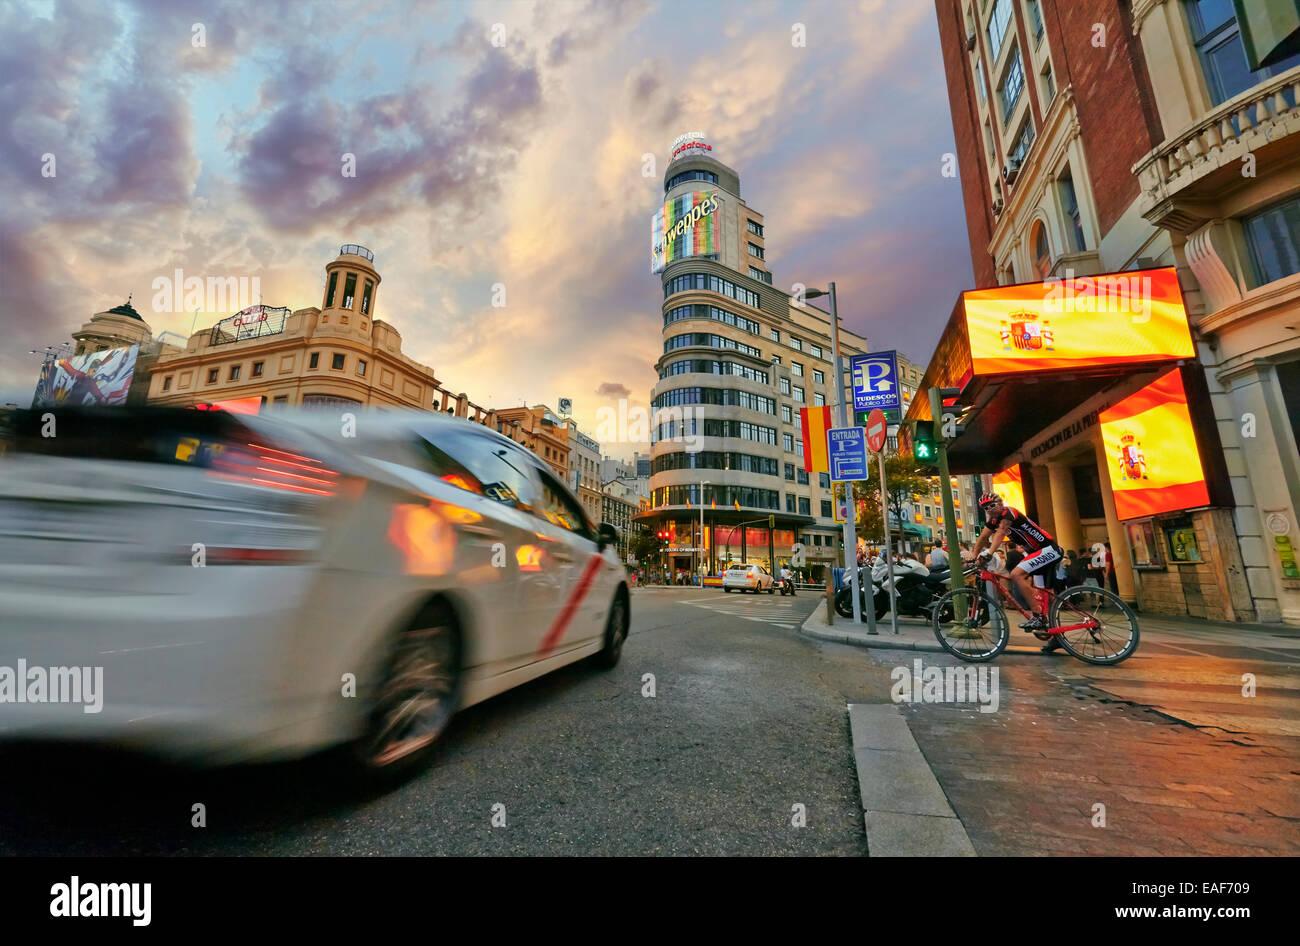 Et des enseignes lumineuses de la circulation à la rue Gran Via à l'intersection avec la place Callao. Photo Stock